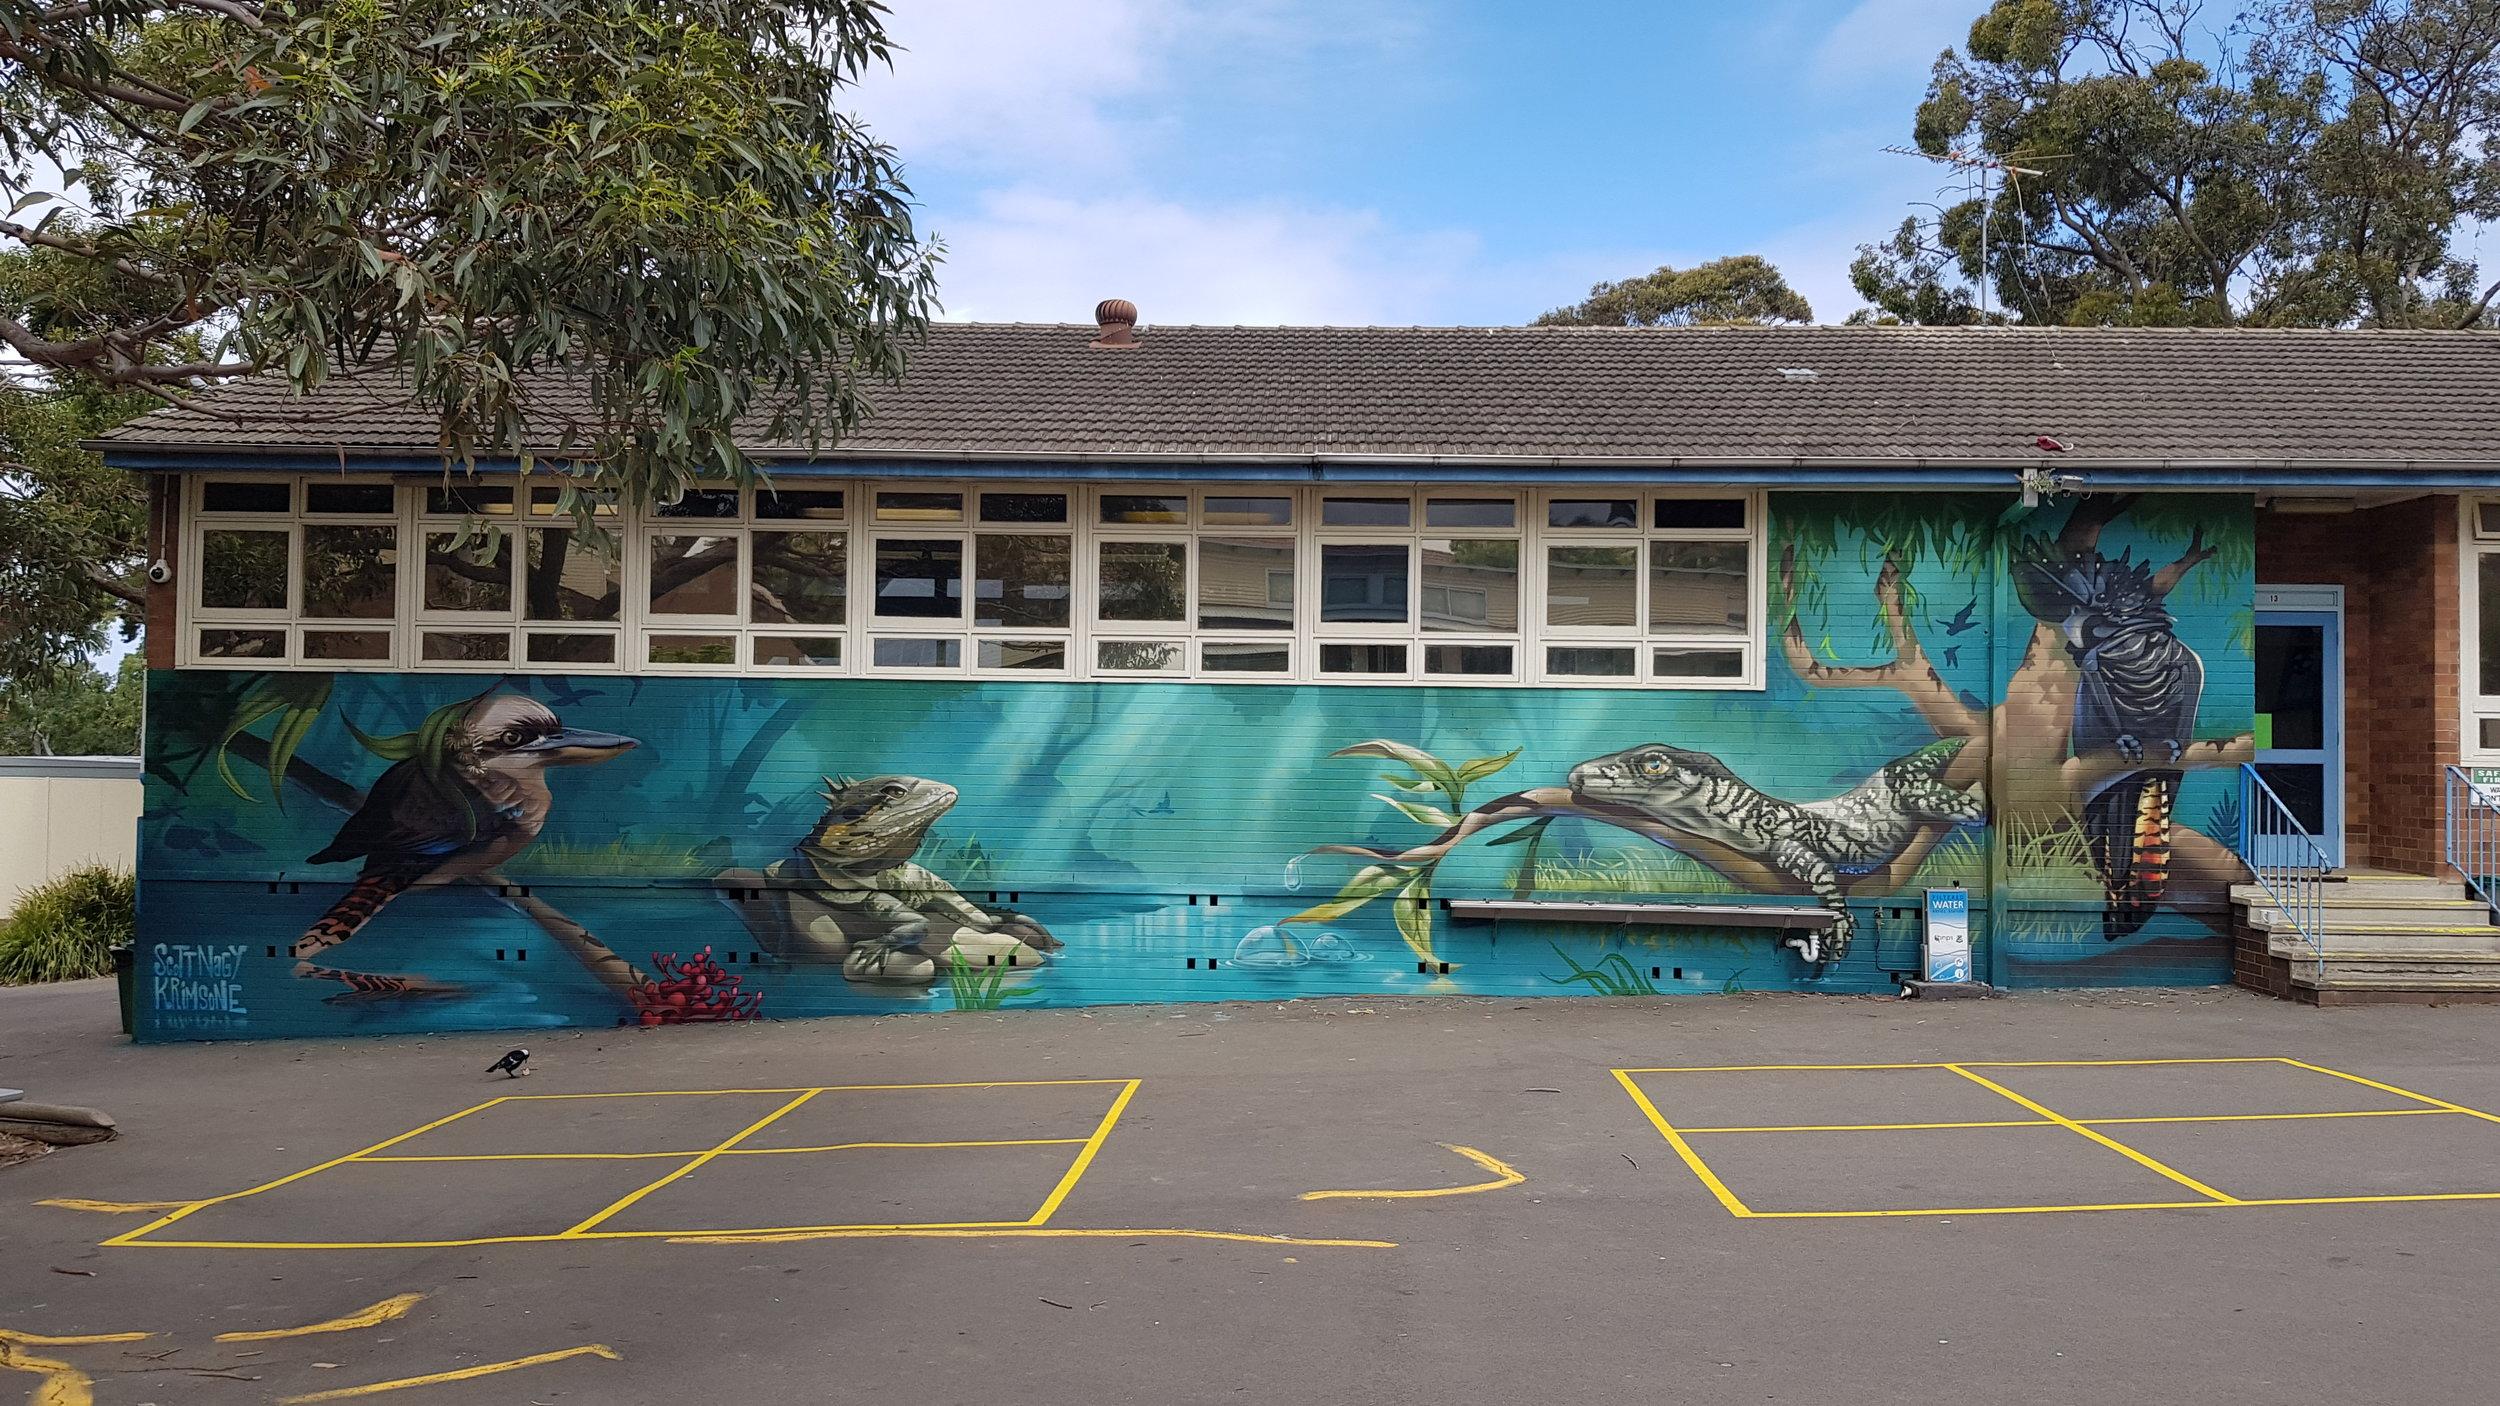 Bexley North public school library mural